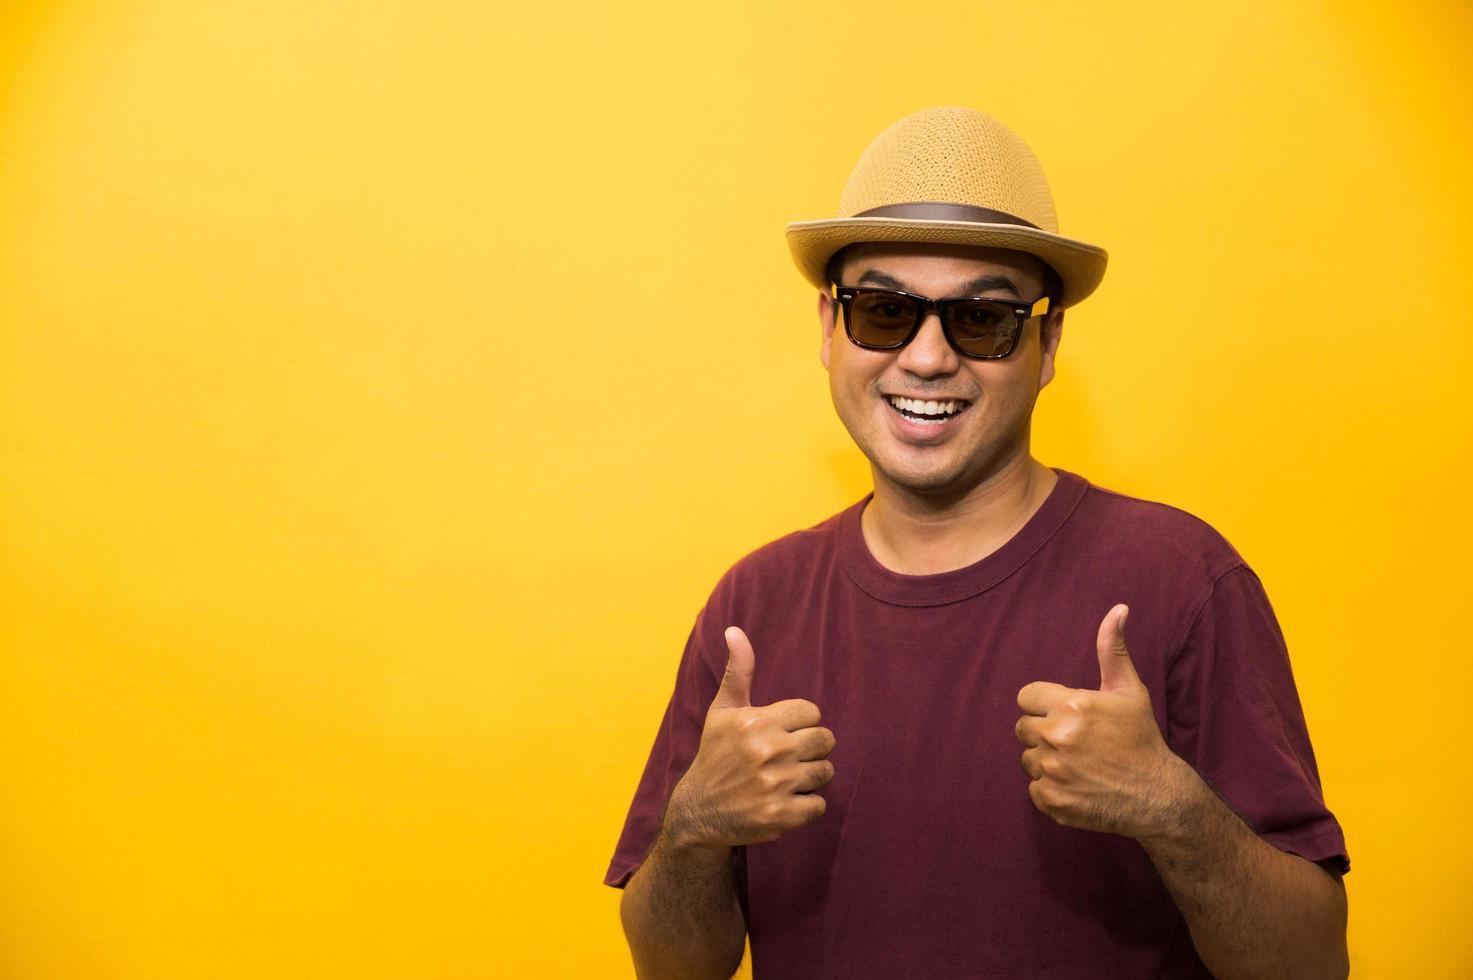 joven asiático con sombrero se siente feliz y sorpresa foto